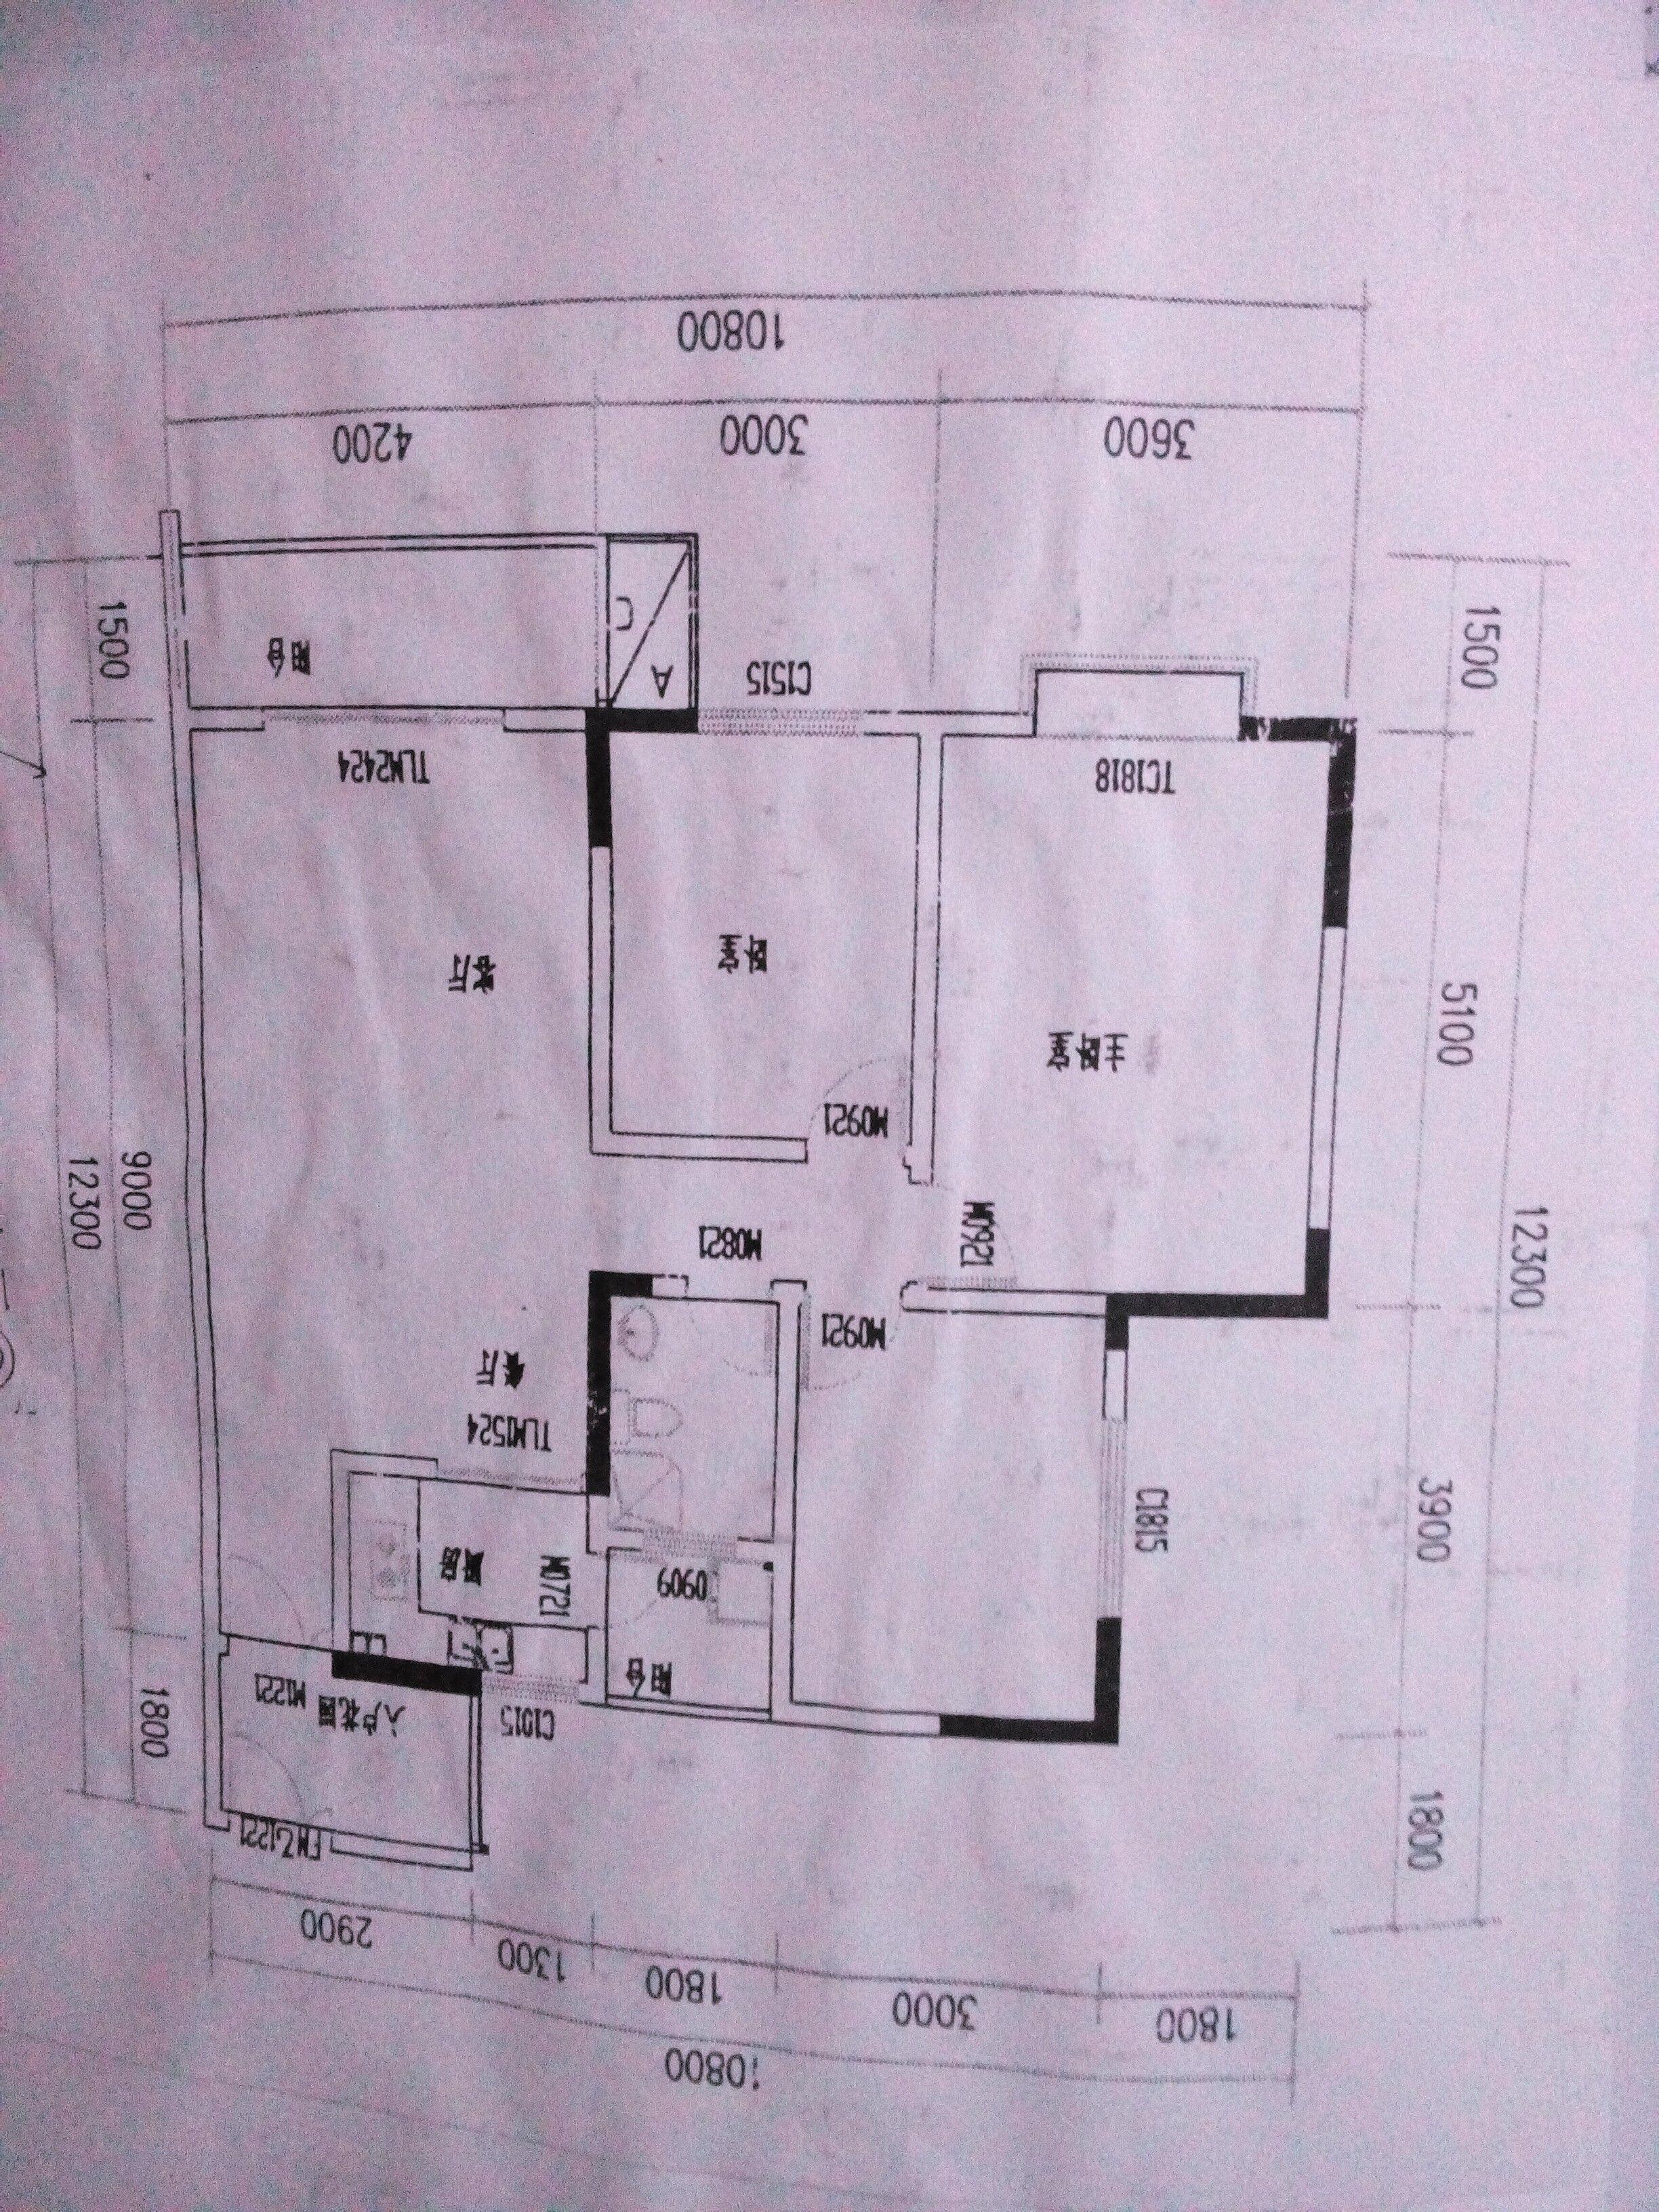 农村三室一厅一厨一卫一层平面设计图,地基12长,宽8一图片